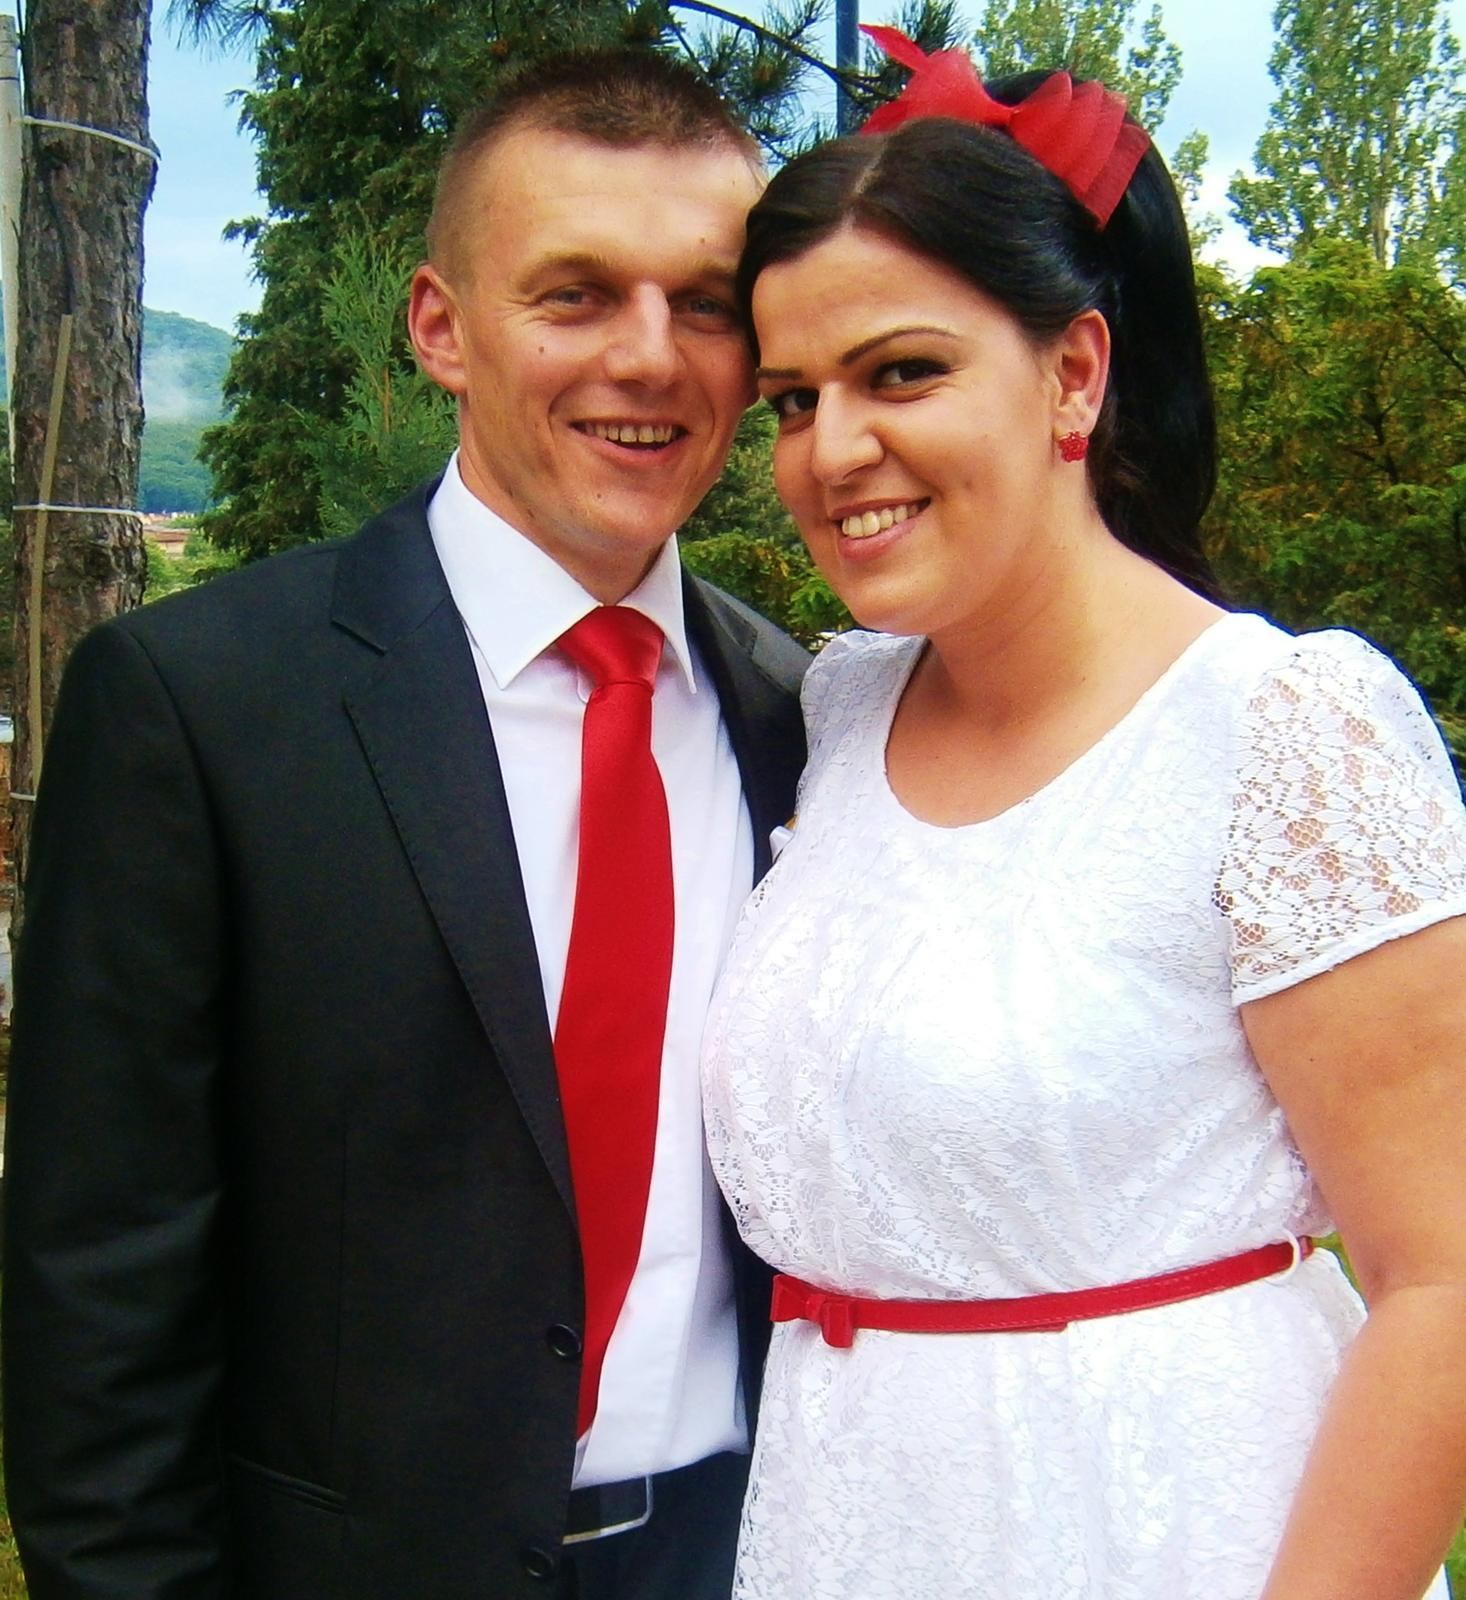 svadbovali sme - Obrázok č. 1